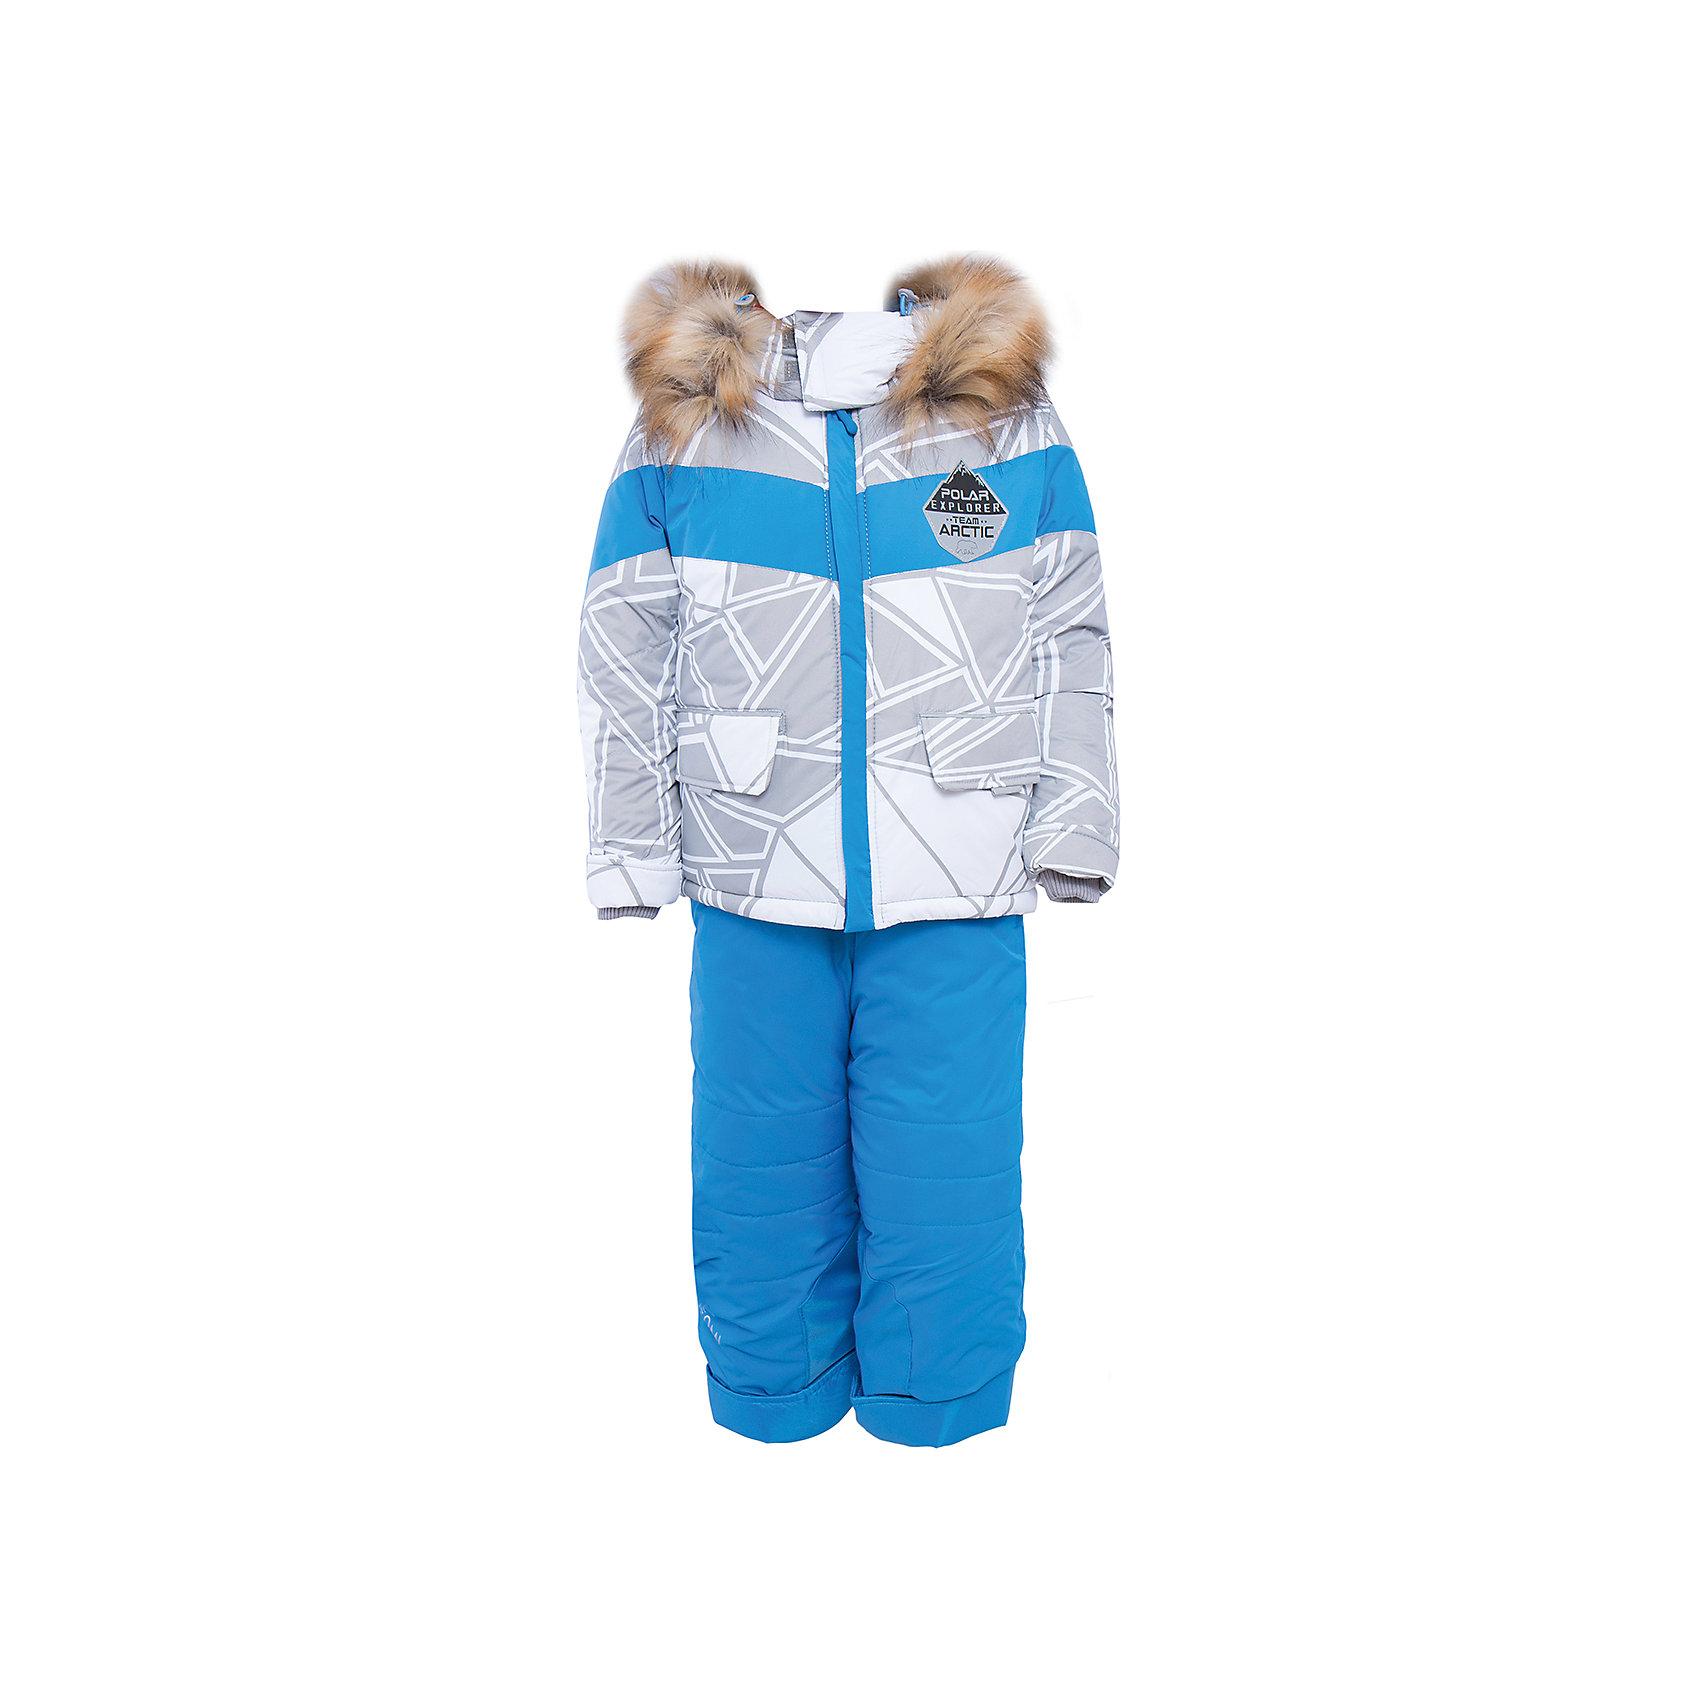 Комплект: куртка и брюки для мальчика BOOM by OrbyВерхняя одежда<br>Характеристики изделия:<br><br>- комплектация: куртка, полукомбинезон;<br>- материа л верха: 100% полиэстер;;<br>- подкладка: ПЭ, флис;<br>- утеплитель: Flexy Fiber 400 г/м2, 200 г/м2; <br>- фурнитура: металл, пластик;<br>- застежка: молния;<br>- капюшон;<br>- внутренний ветрозащитный клапан;<br>- принт на куртке;<br>- температурный режим до -30°С<br><br><br>В холодный сезон важно одеть ребенка комфортно и тепло. Этот стильный и теплый комплект позволит мальчику наслаждаться зимним отдыхом, не боясь замерзнуть, и выглядеть при этом очень симпатично.<br>Теплая куртка плотно сидит благодаря манжетам и надежным застежкам. Она смотрится очень эффектно благодаря стильному принту. Полукомбинезон дополнен регулируемыми лямками, карманами и манжетами.<br><br>Комплект: курта и брюки для мальчика от бренда BOOM by Orby можно купить в нашем магазине.<br><br>Ширина мм: 215<br>Глубина мм: 88<br>Высота мм: 191<br>Вес г: 336<br>Цвет: серый<br>Возраст от месяцев: 12<br>Возраст до месяцев: 18<br>Пол: Мужской<br>Возраст: Детский<br>Размер: 86,104,92,98,116,110,80<br>SKU: 4982704